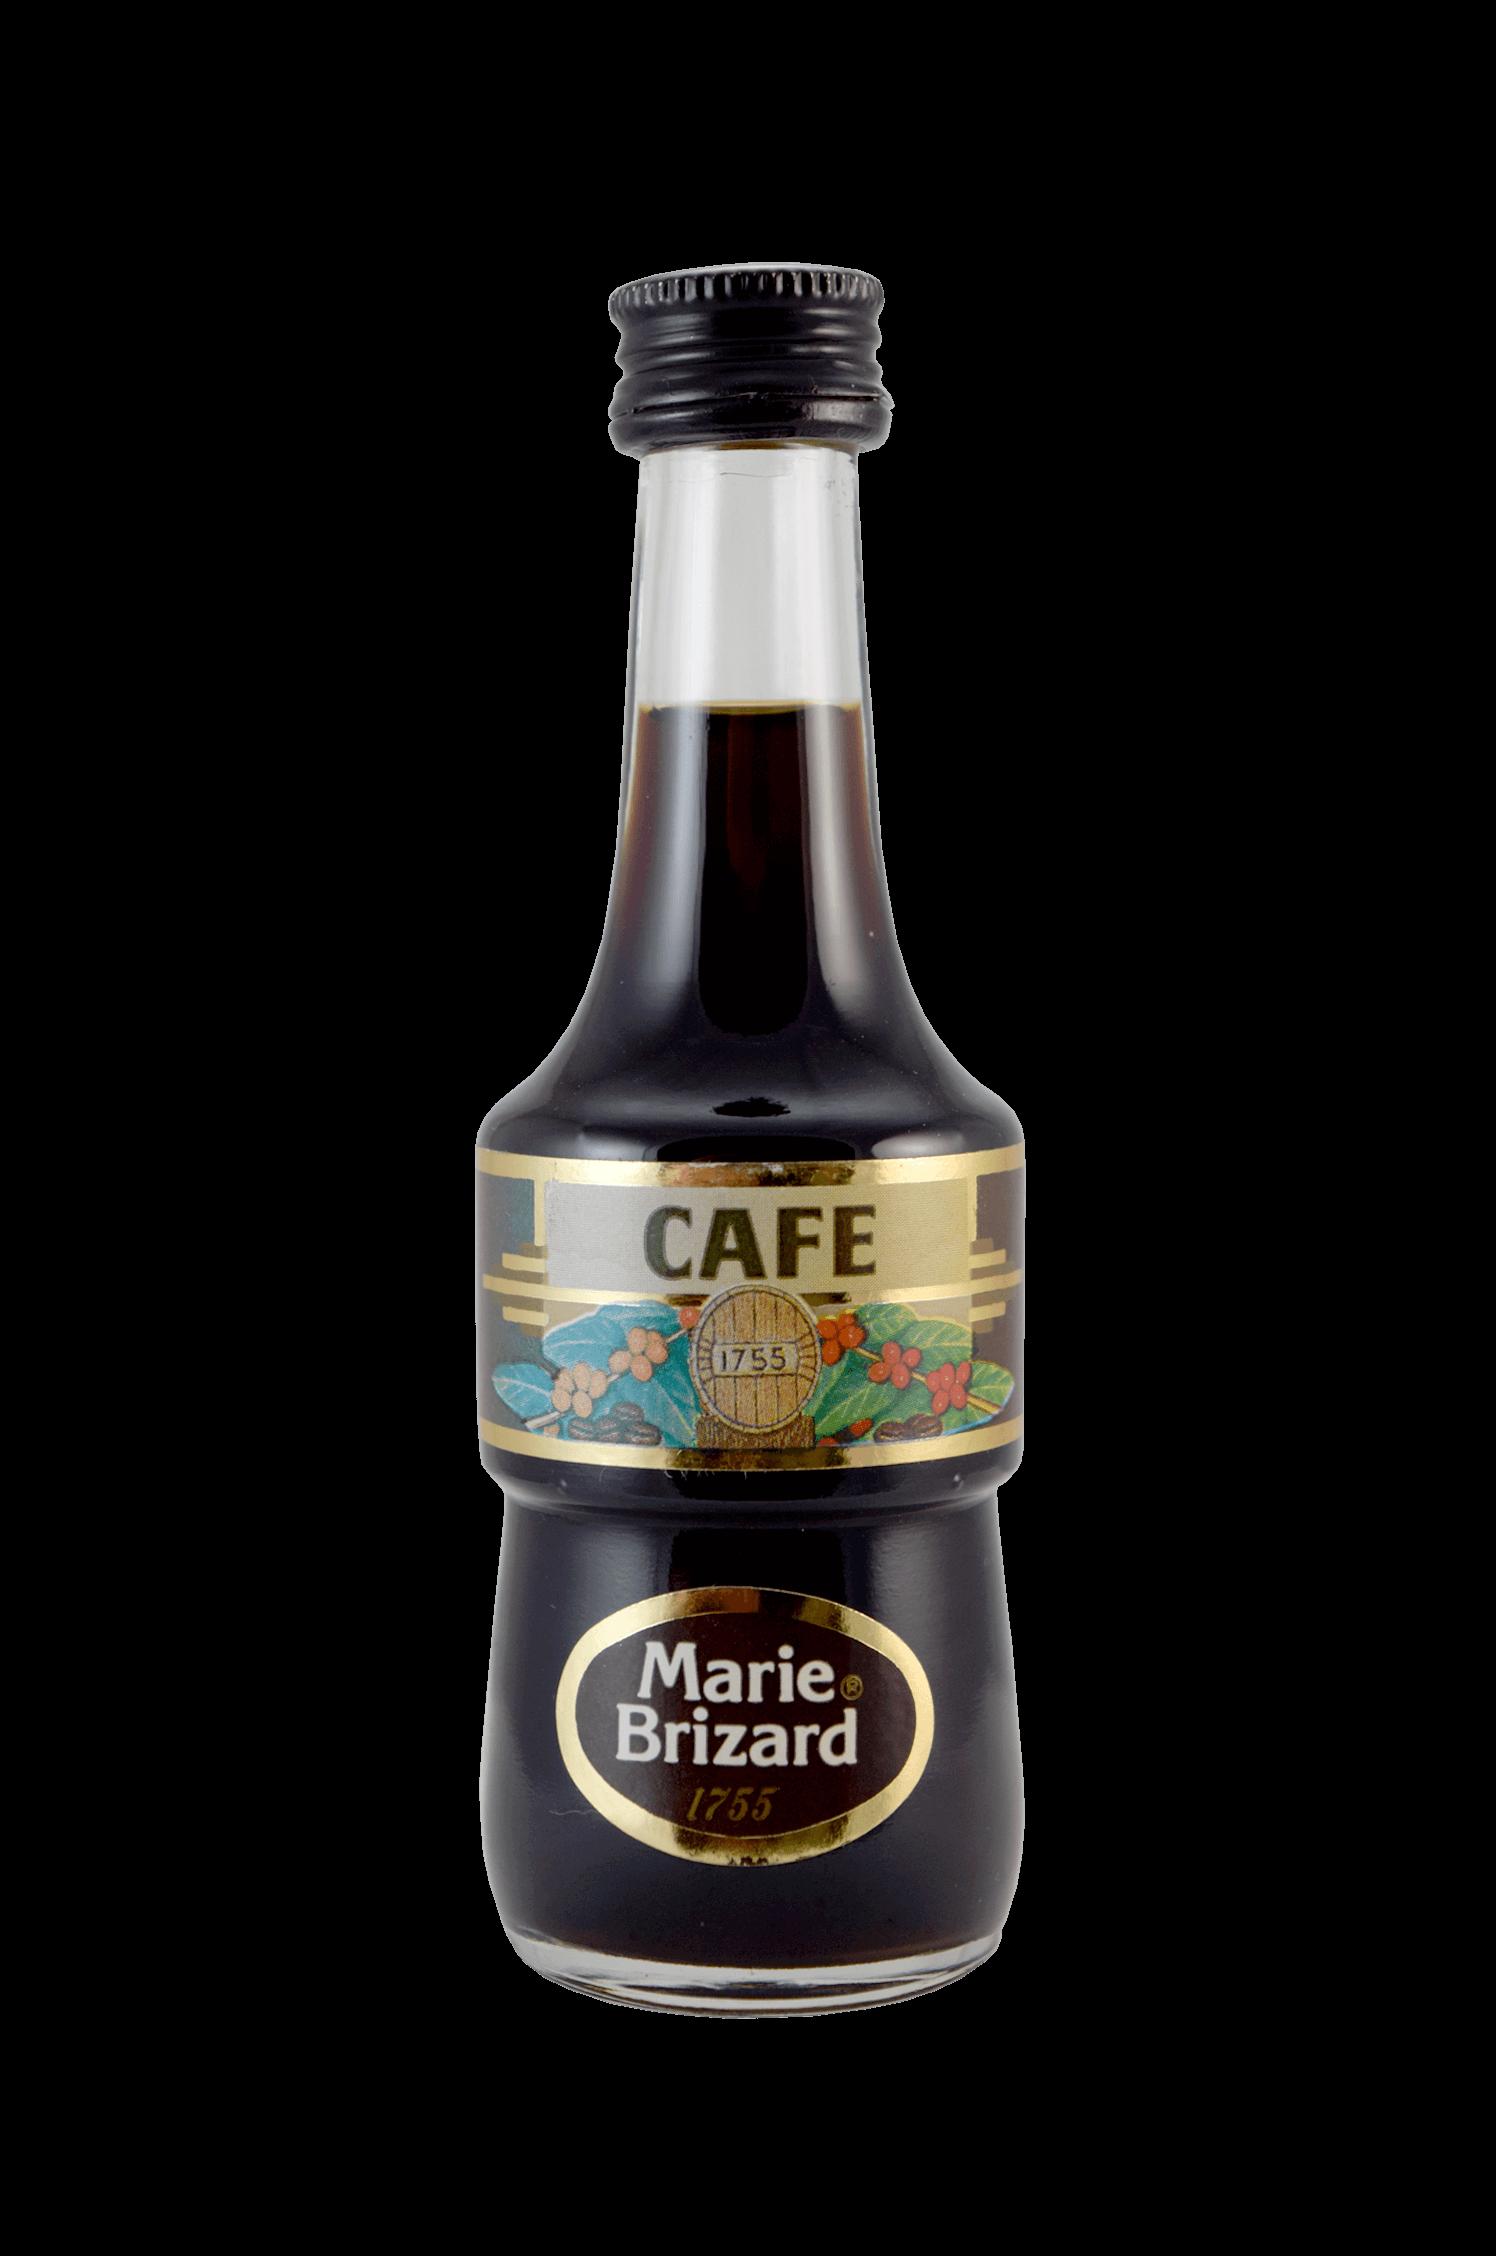 Marie Brizard Cafe